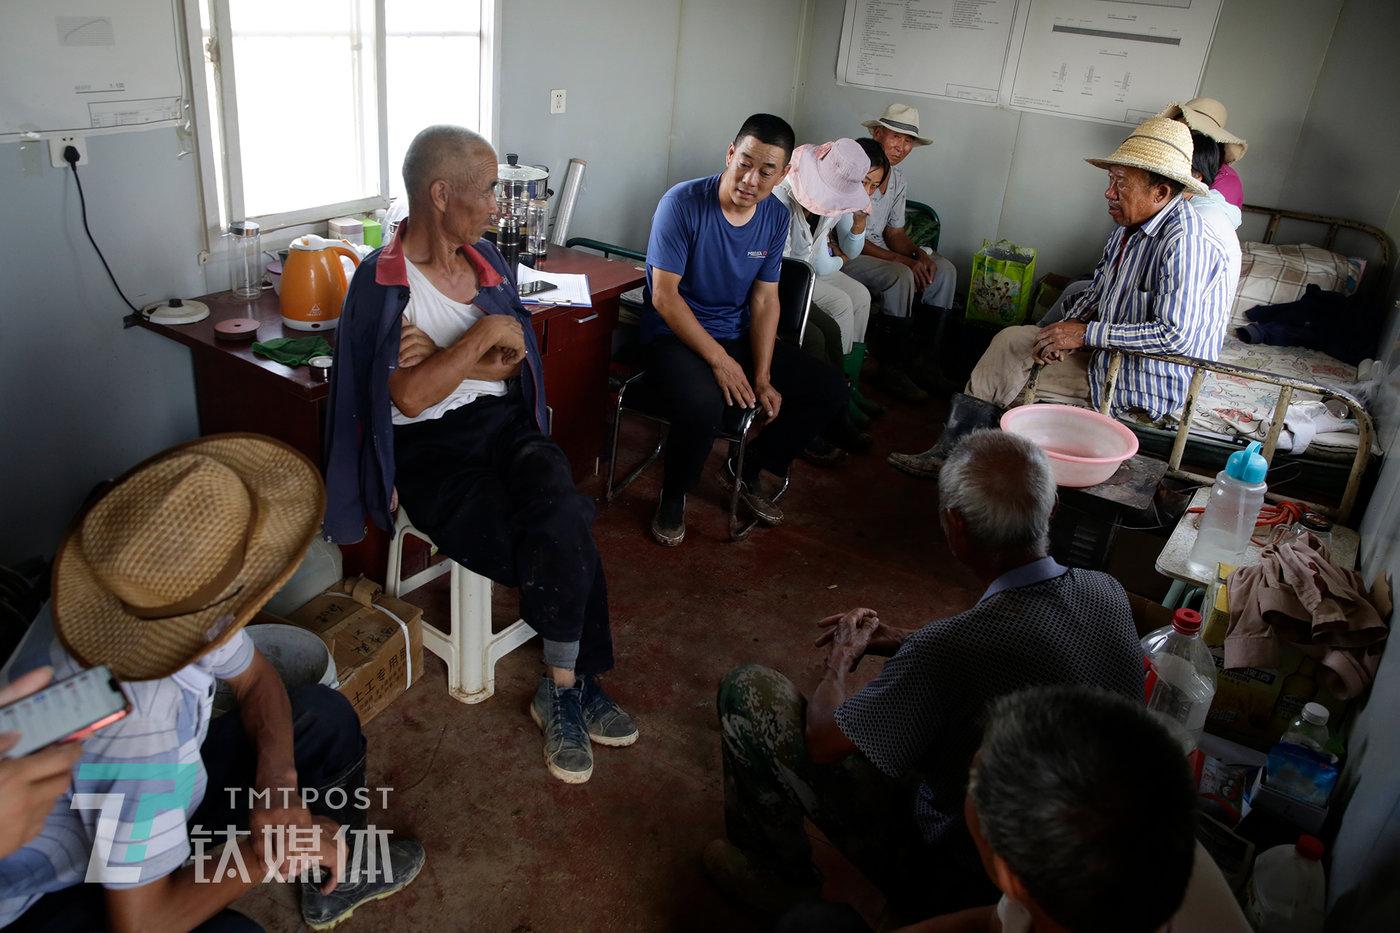 7月31日,基地集装箱休息室,参加采收和维保的农民在开会,他们都来自附近村庄。